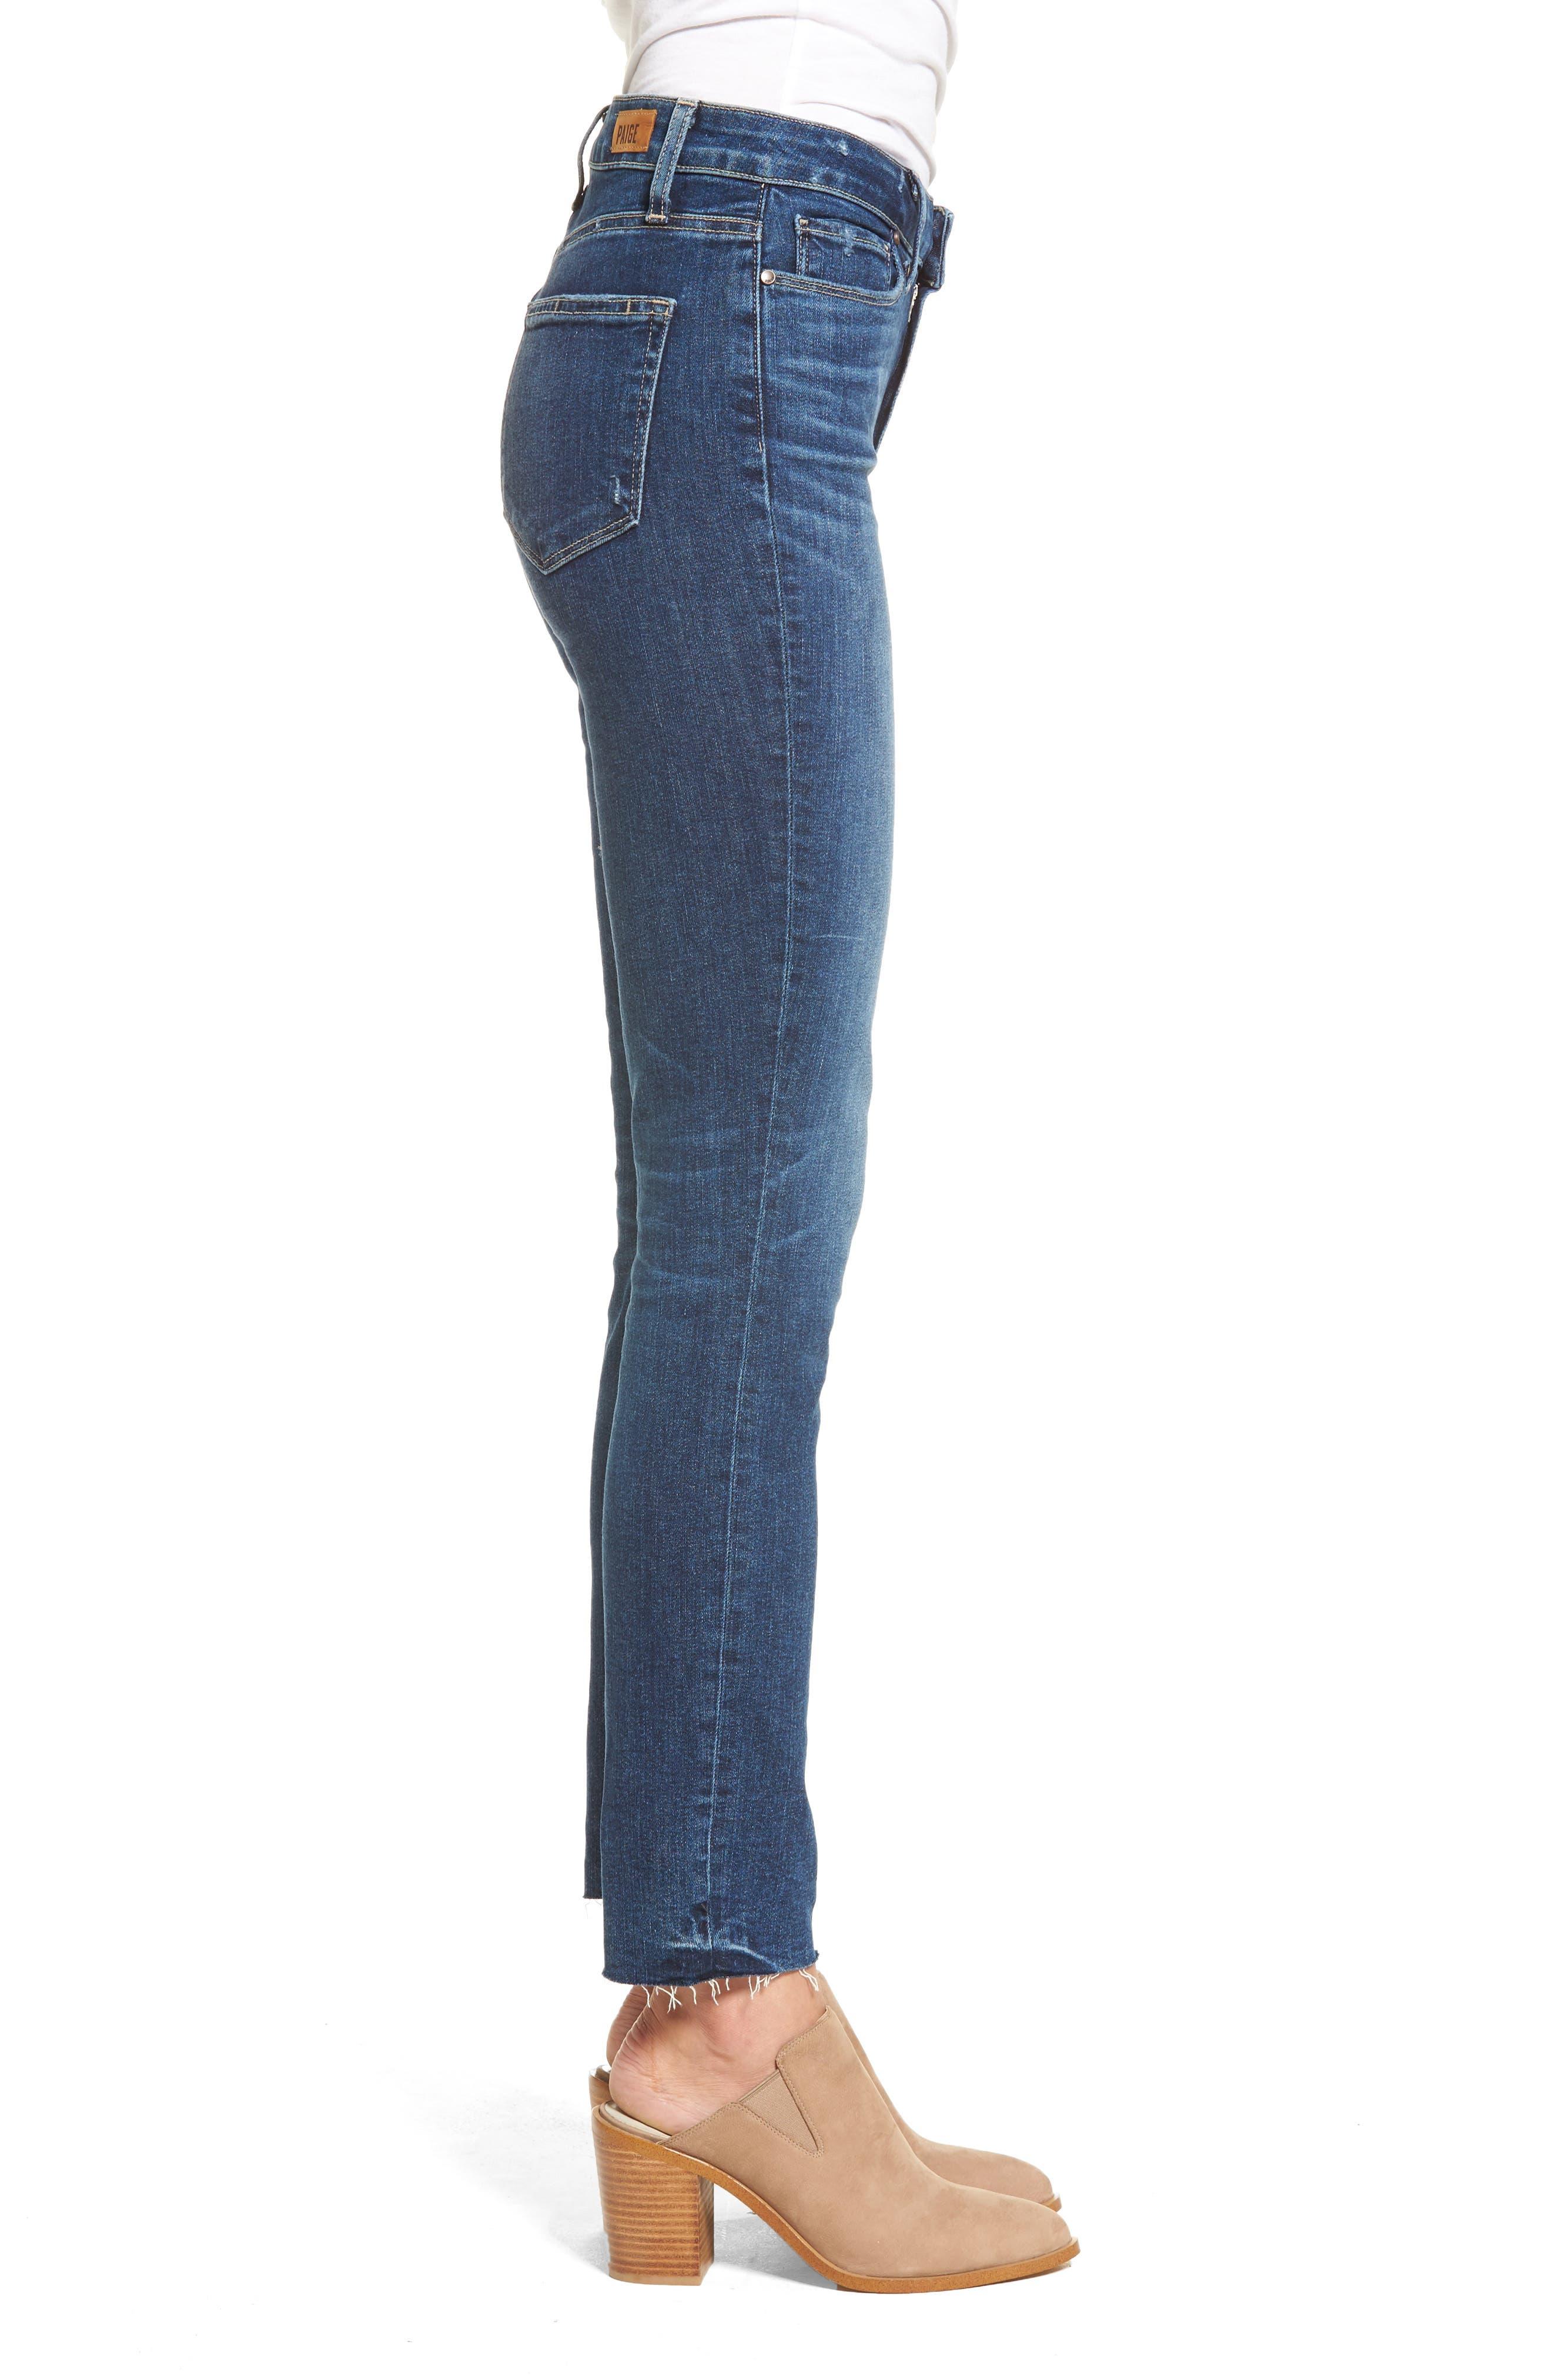 Transcend Vintage - Hoxton High Waist Ankle Peg Jeans,                             Alternate thumbnail 3, color,                             400